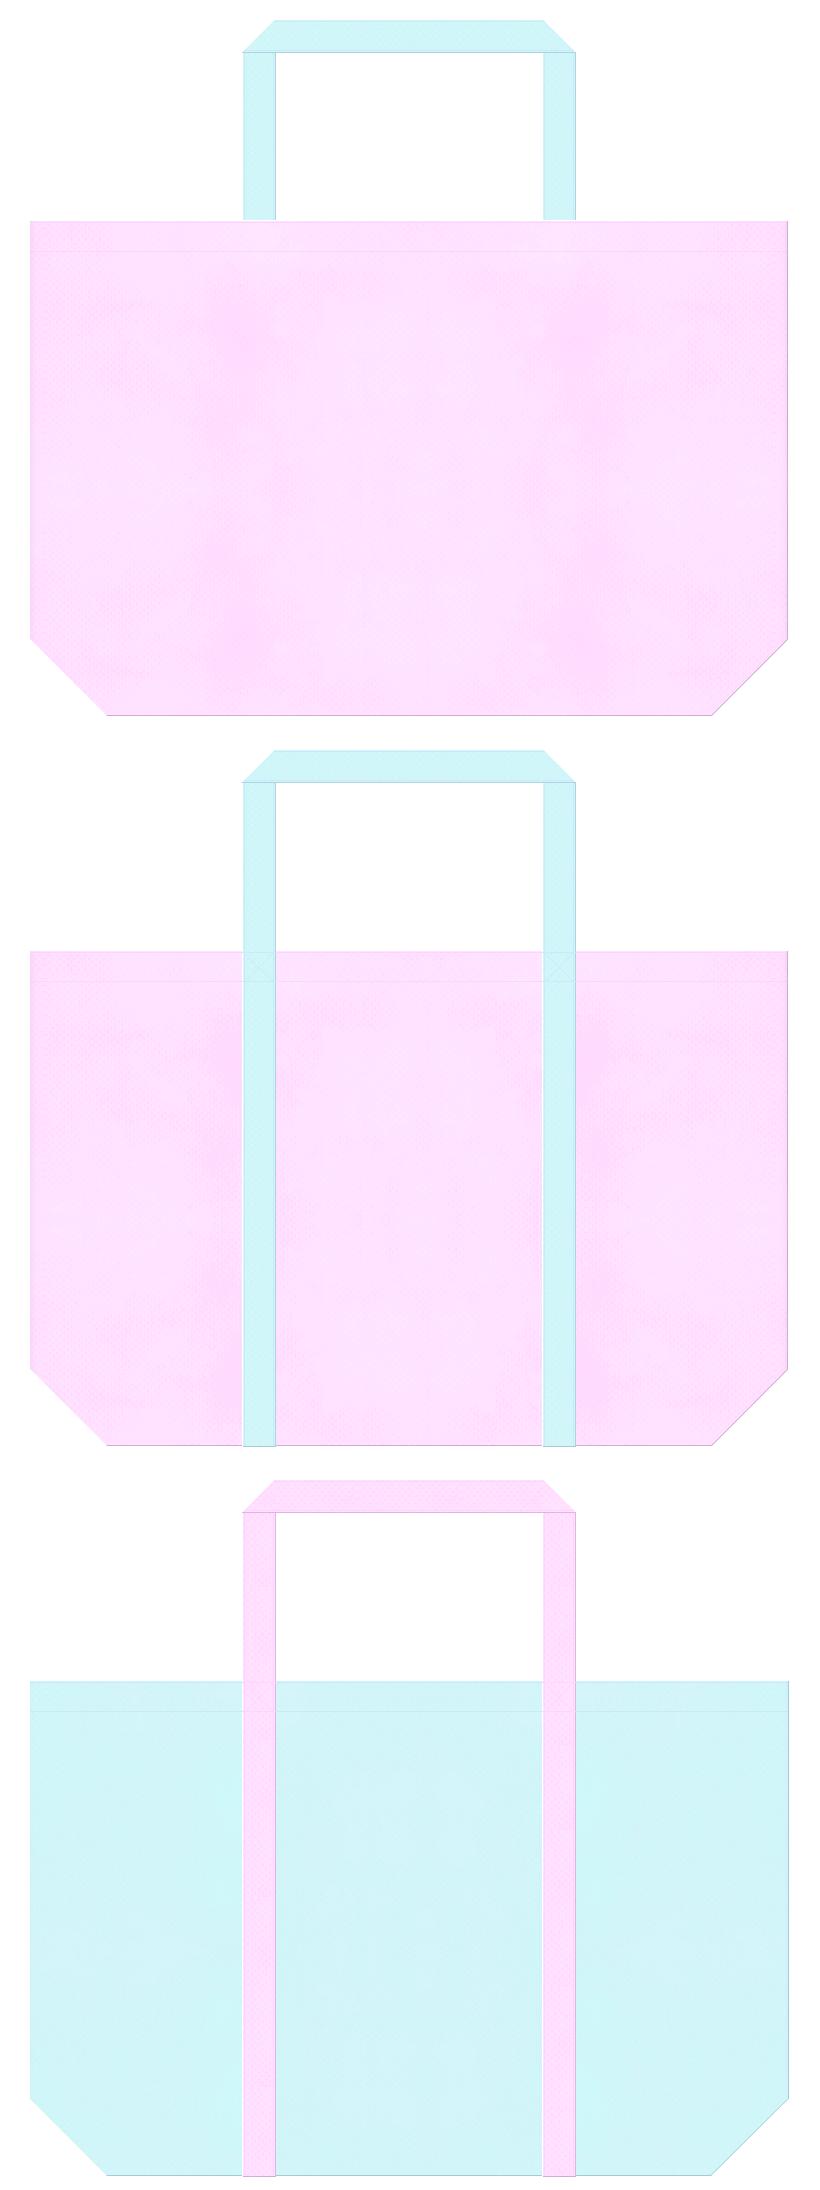 明るいピンク色と水色の不織布バッグデザイン。フェアリー・マーメイドのイメージで、ガーリーファッションのショッピングバッグにお奨めです。